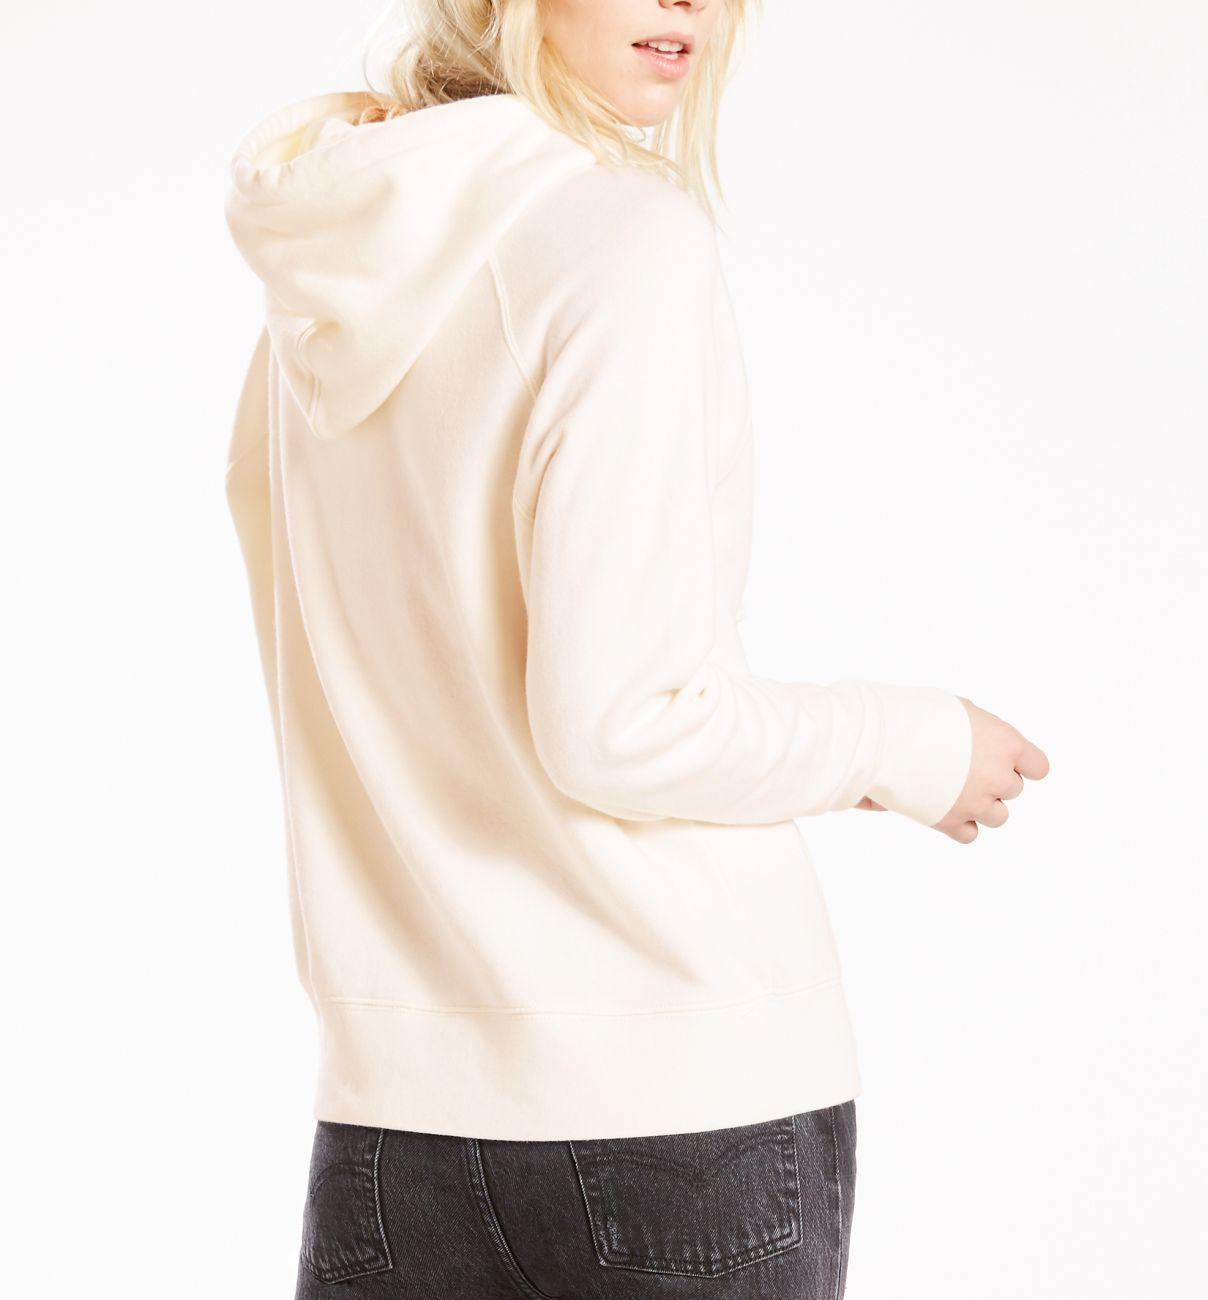 LEVIS Pullover für Damen Hoodie Sweater 35946-0001 weiss W18-LDP1